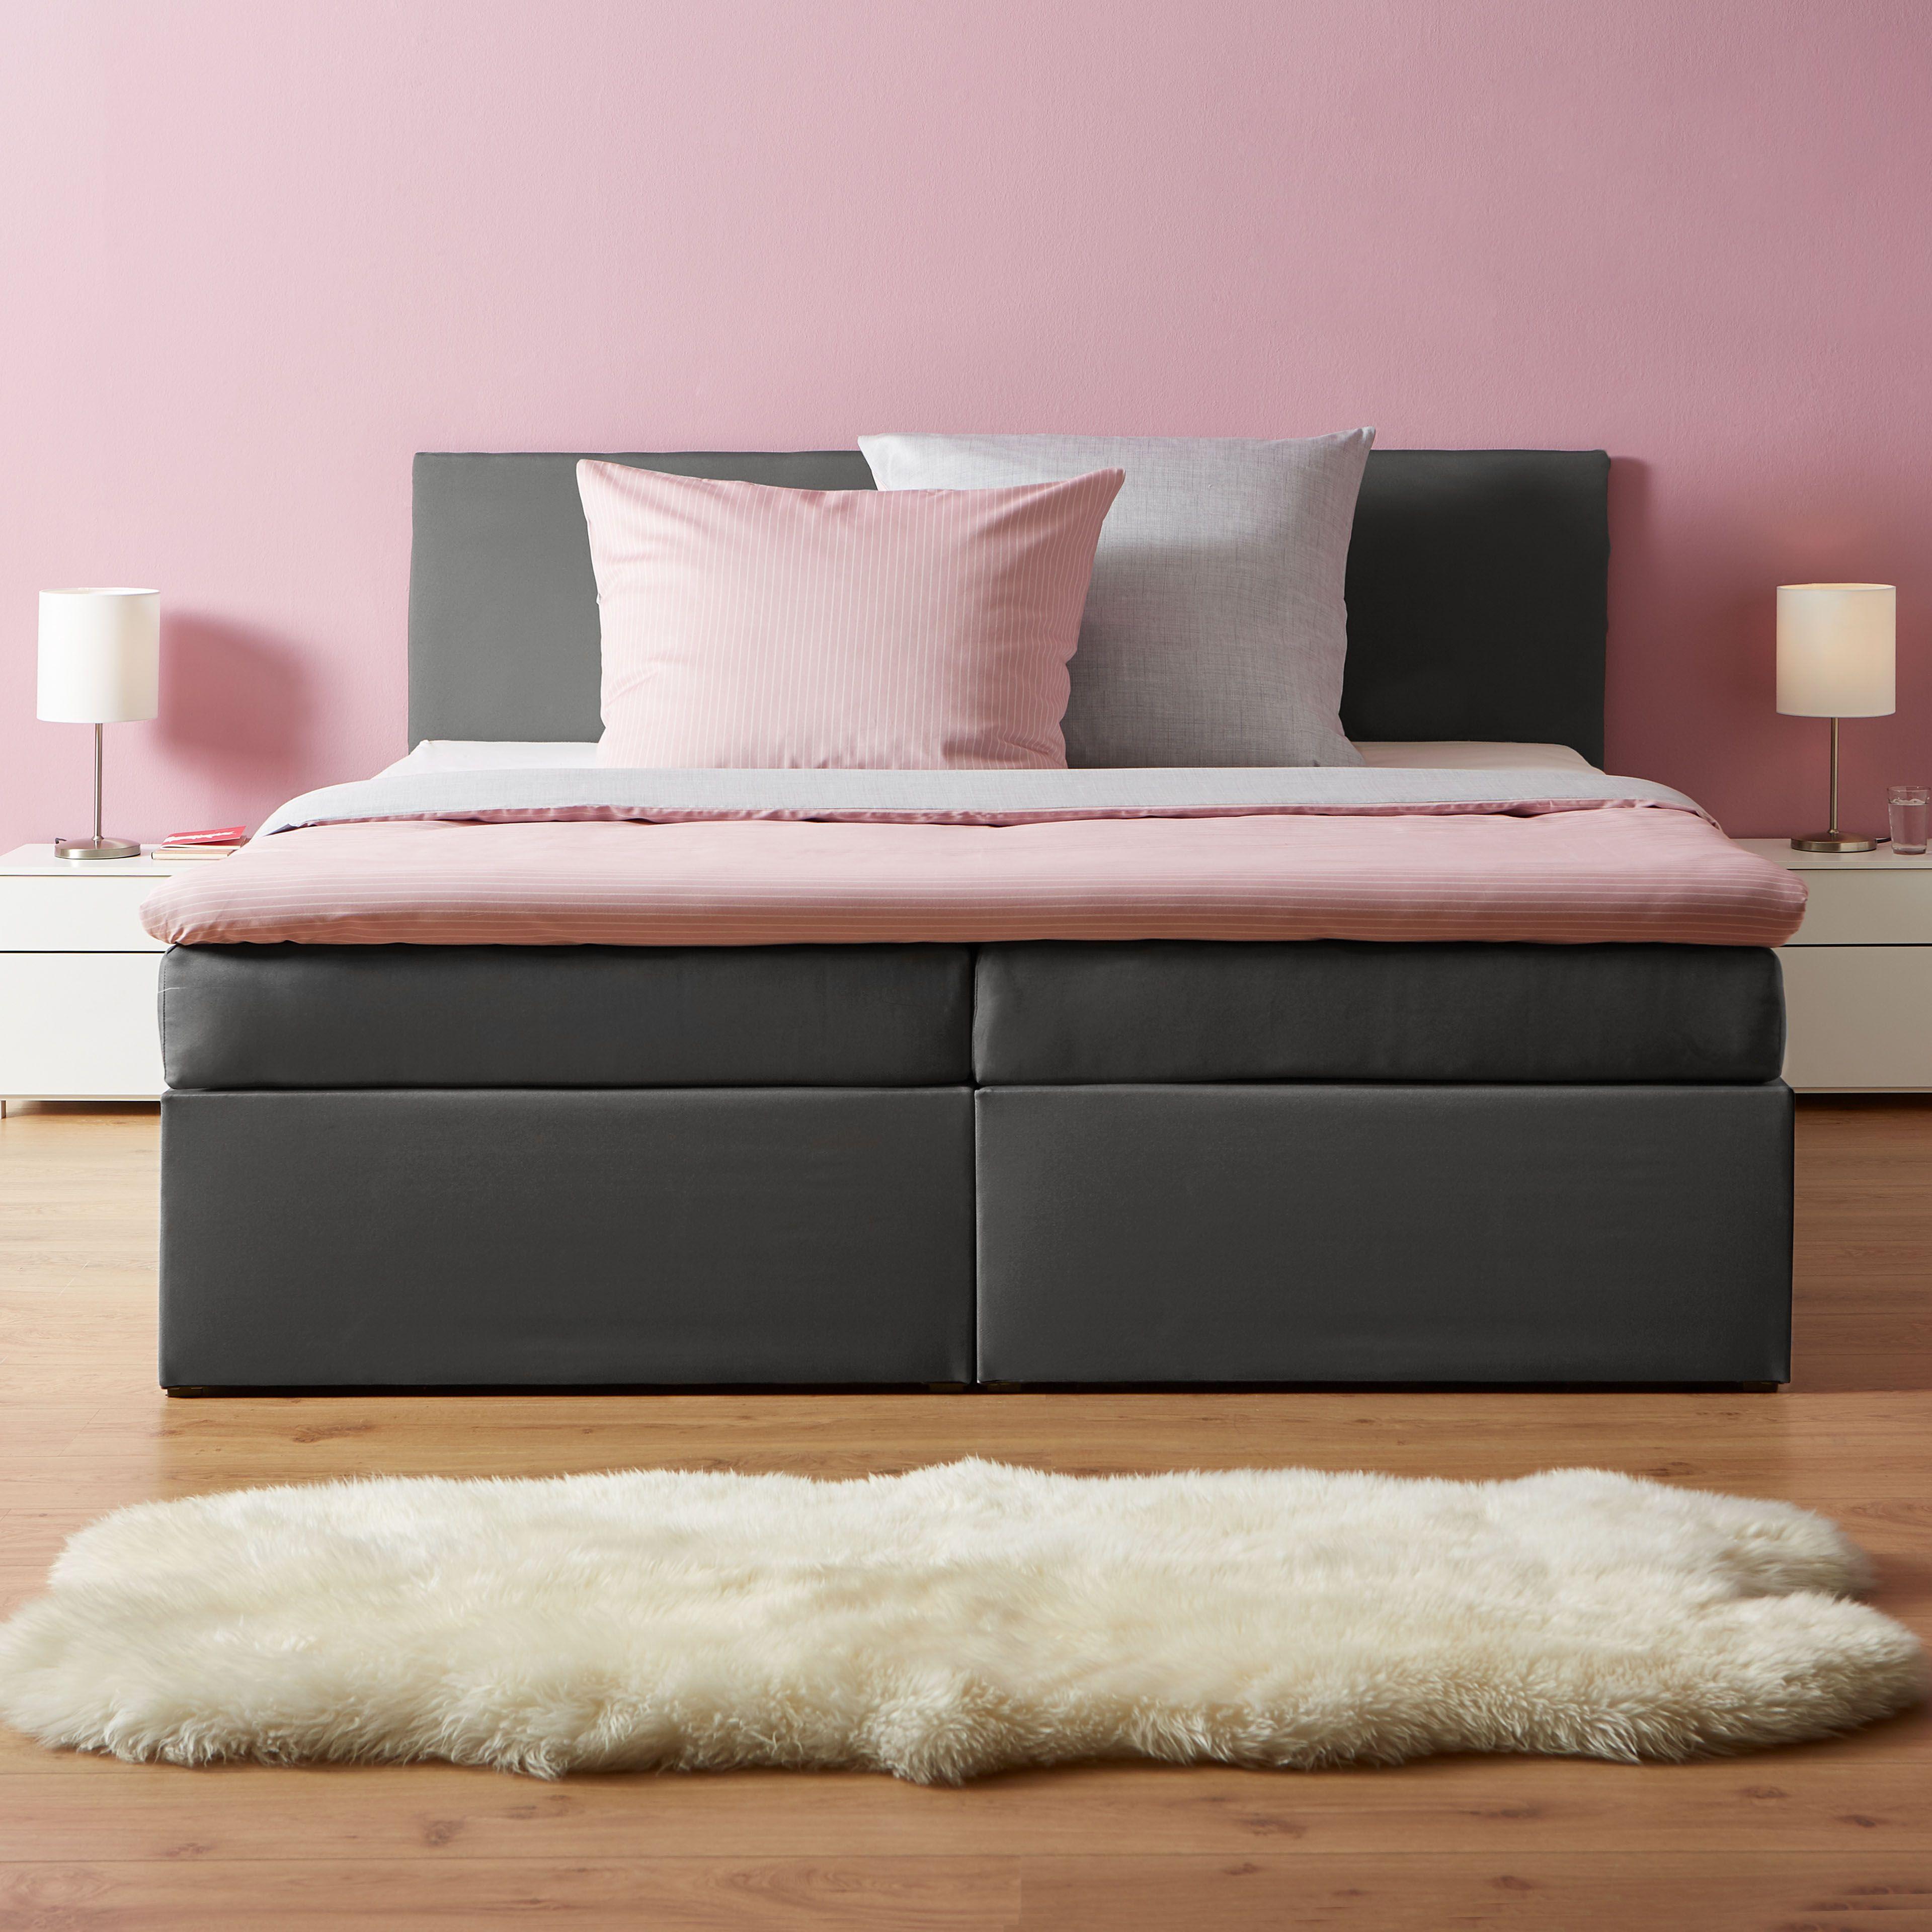 Boxspringbett In Grau Home Decor Bed Storage Bench